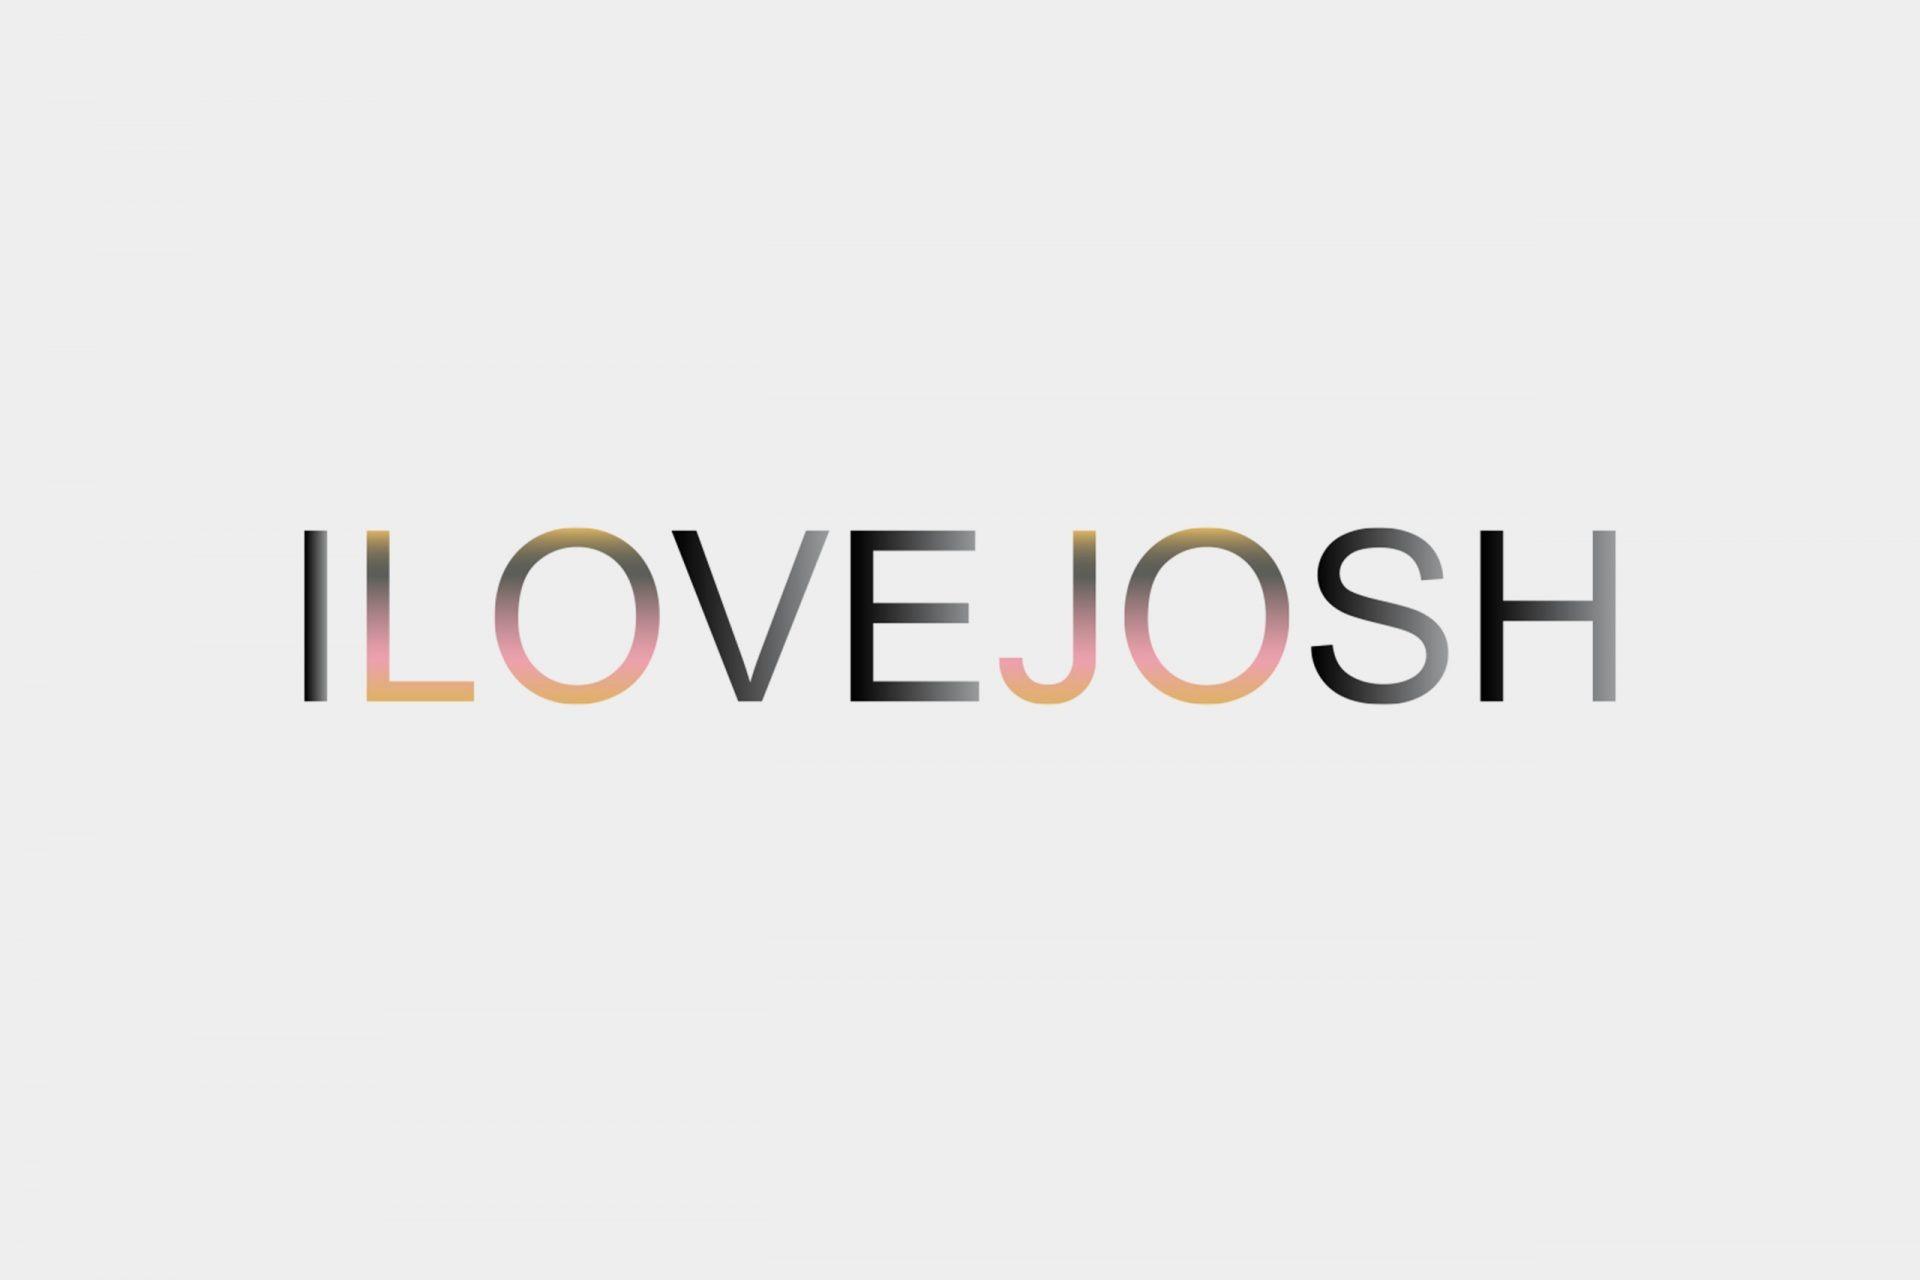 ilovejosh.com logo